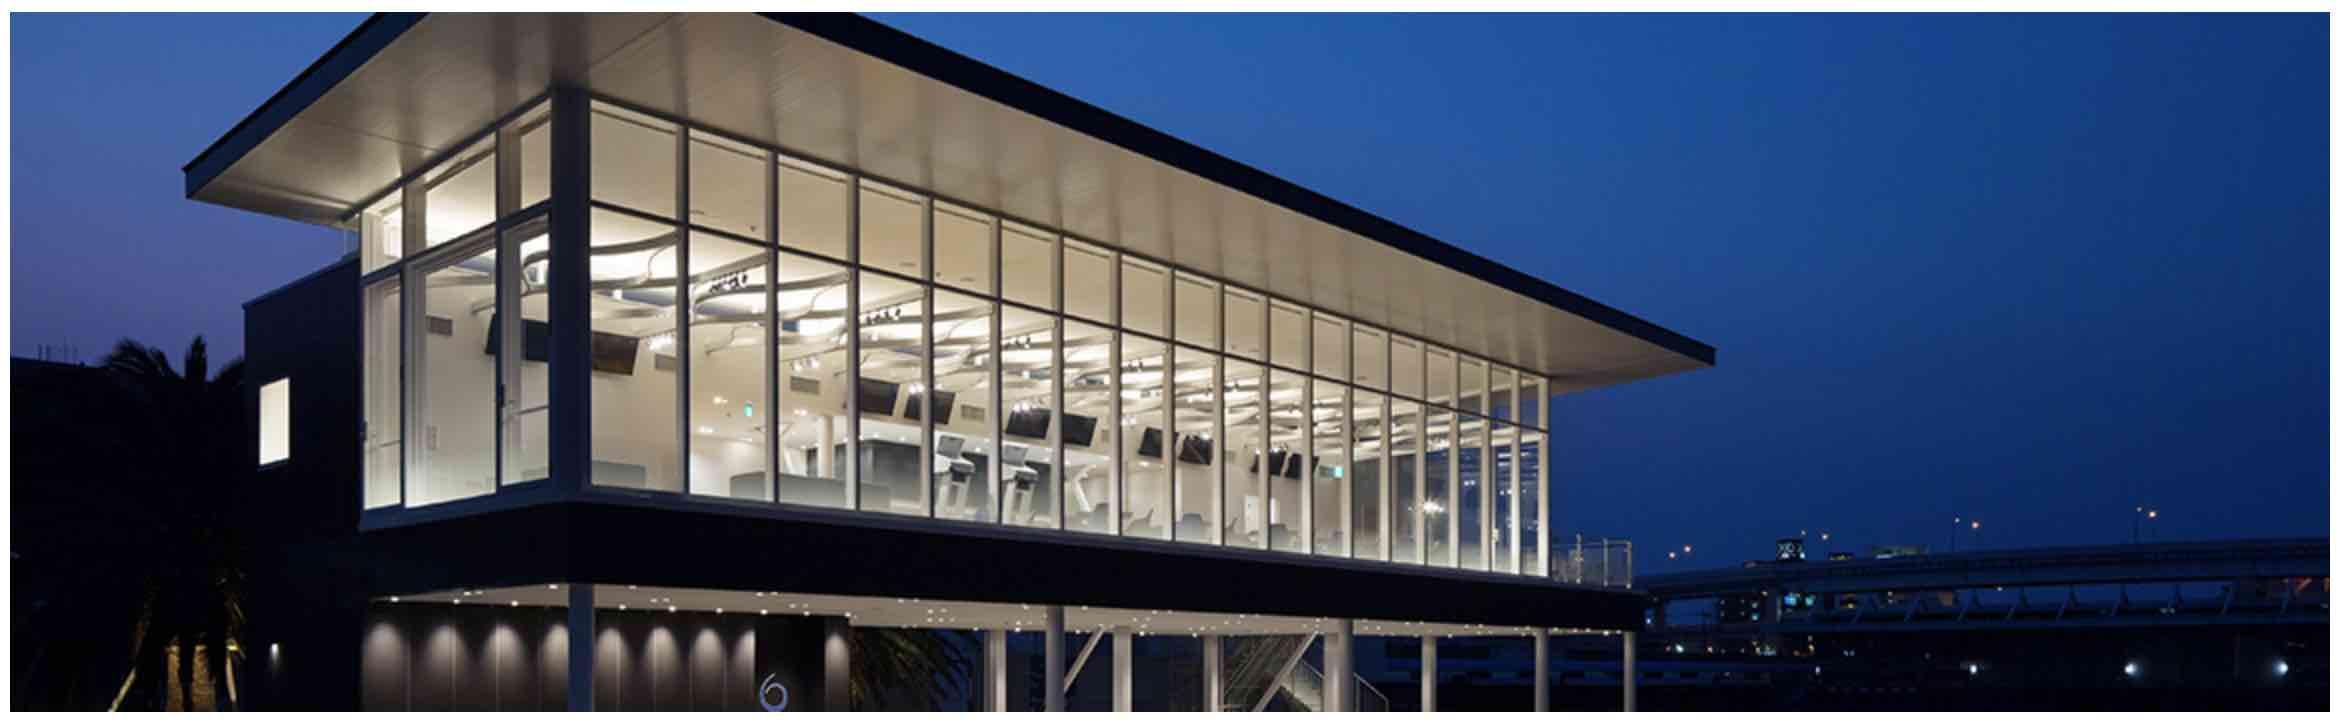 競艇ボートレースの新施設ROKUの画像_ナイター